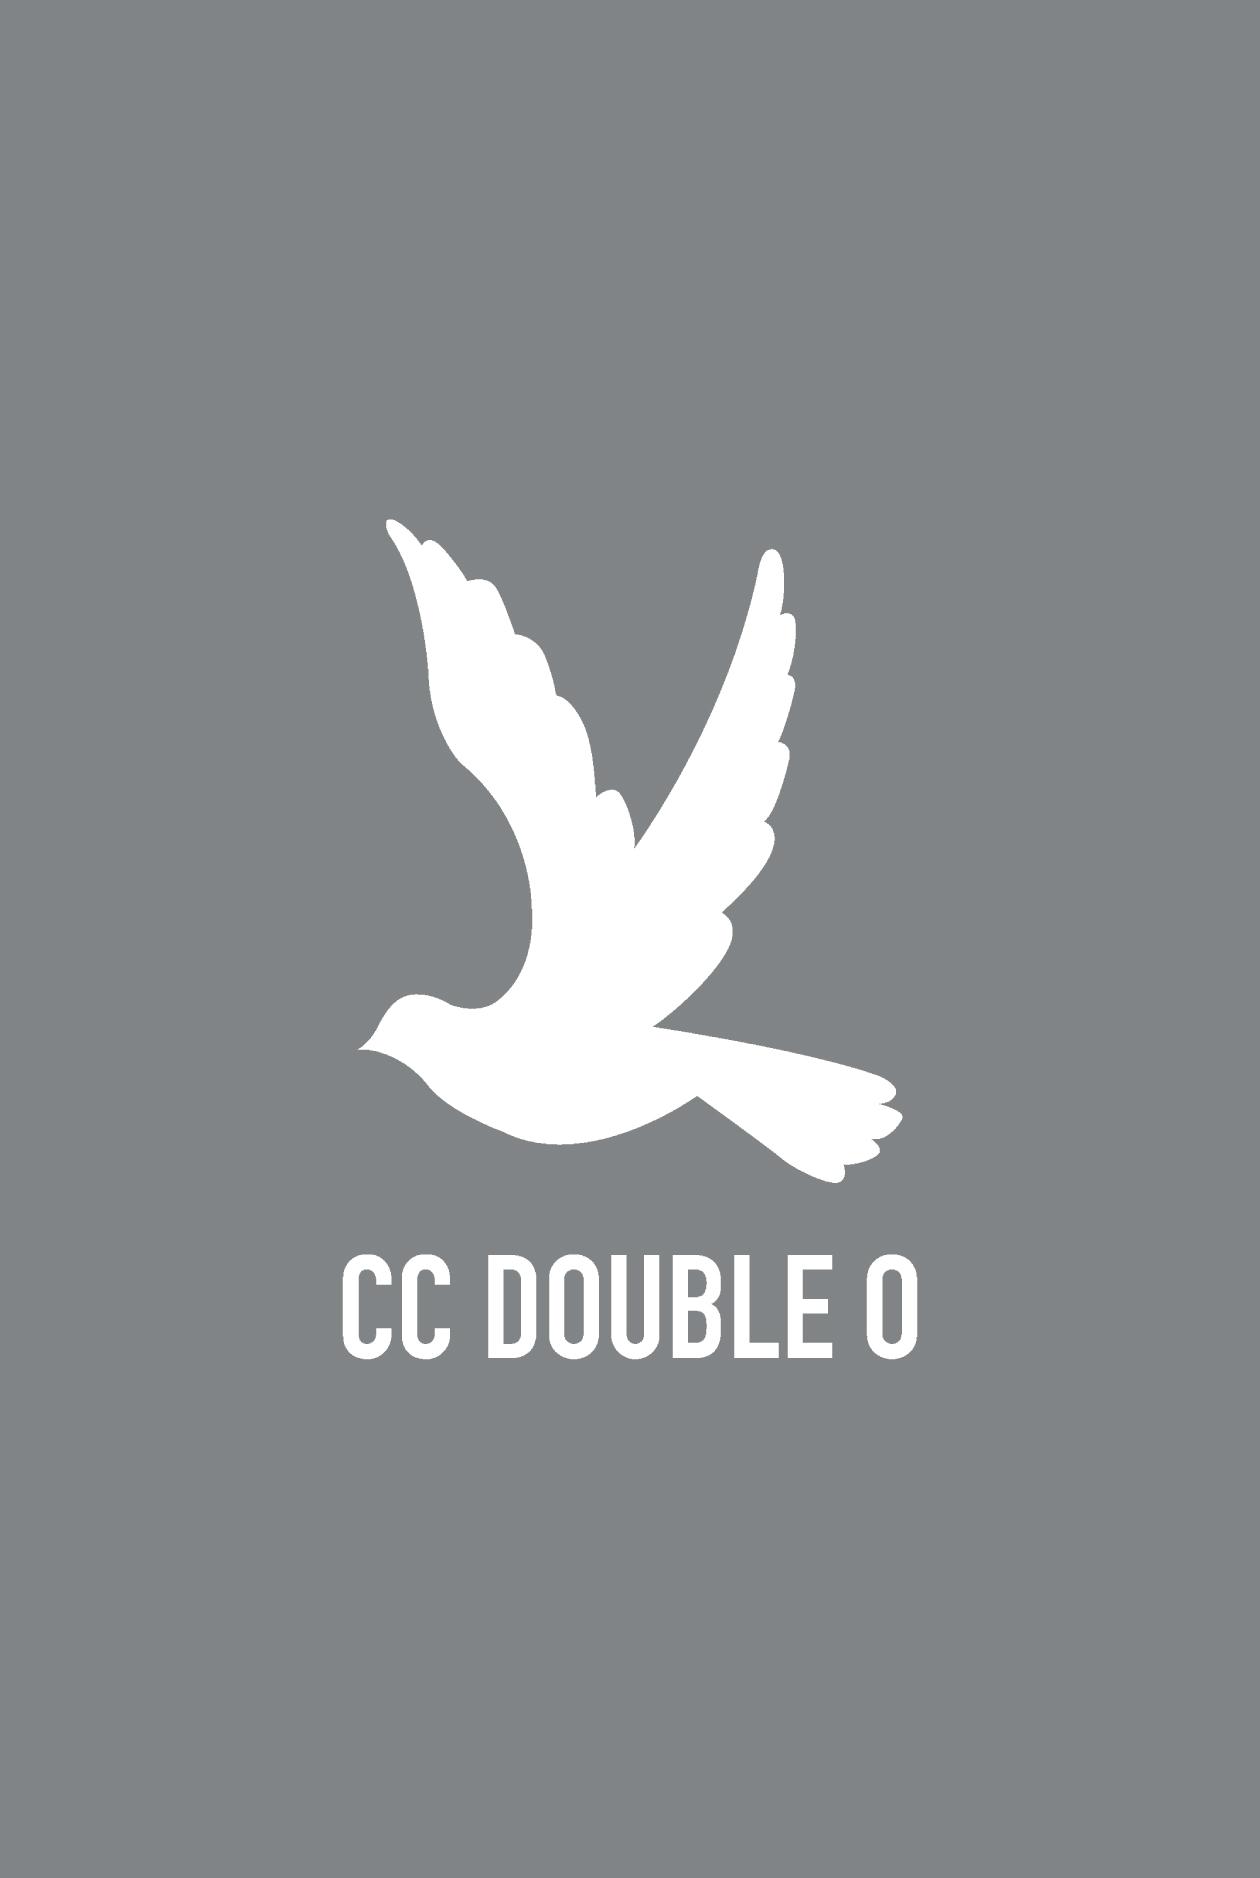 Bird Logo Tee with CC DOUBLE O Neckline Detail